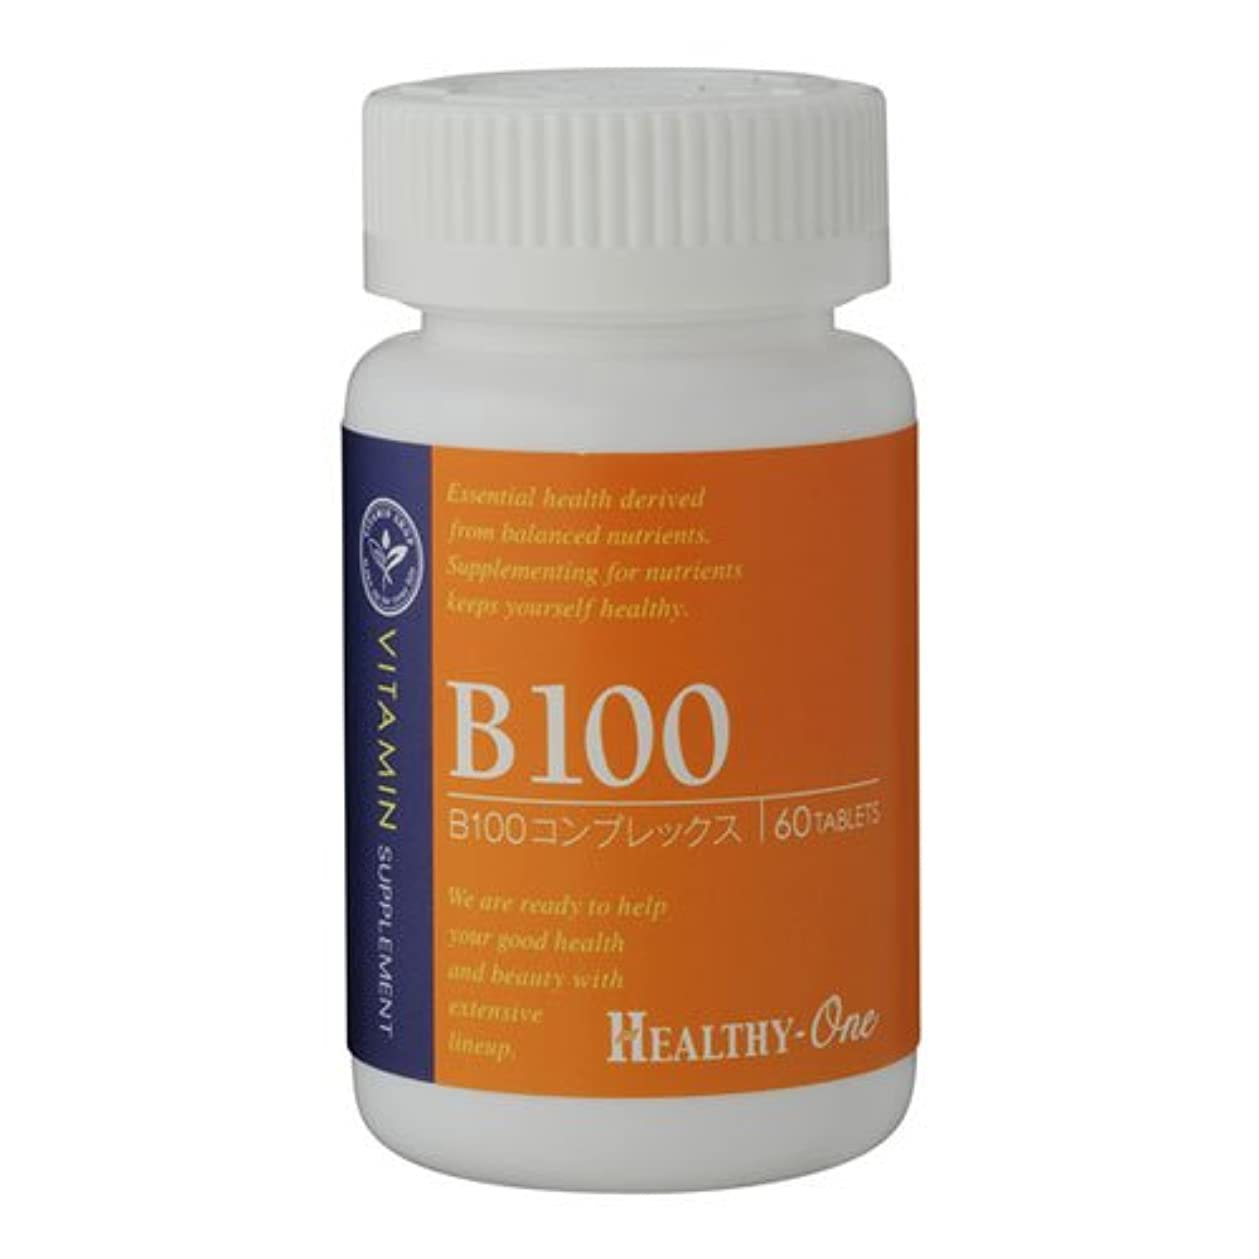 もの厄介な繰り返したヘルシーワン ビタミンB100 60粒 60日分